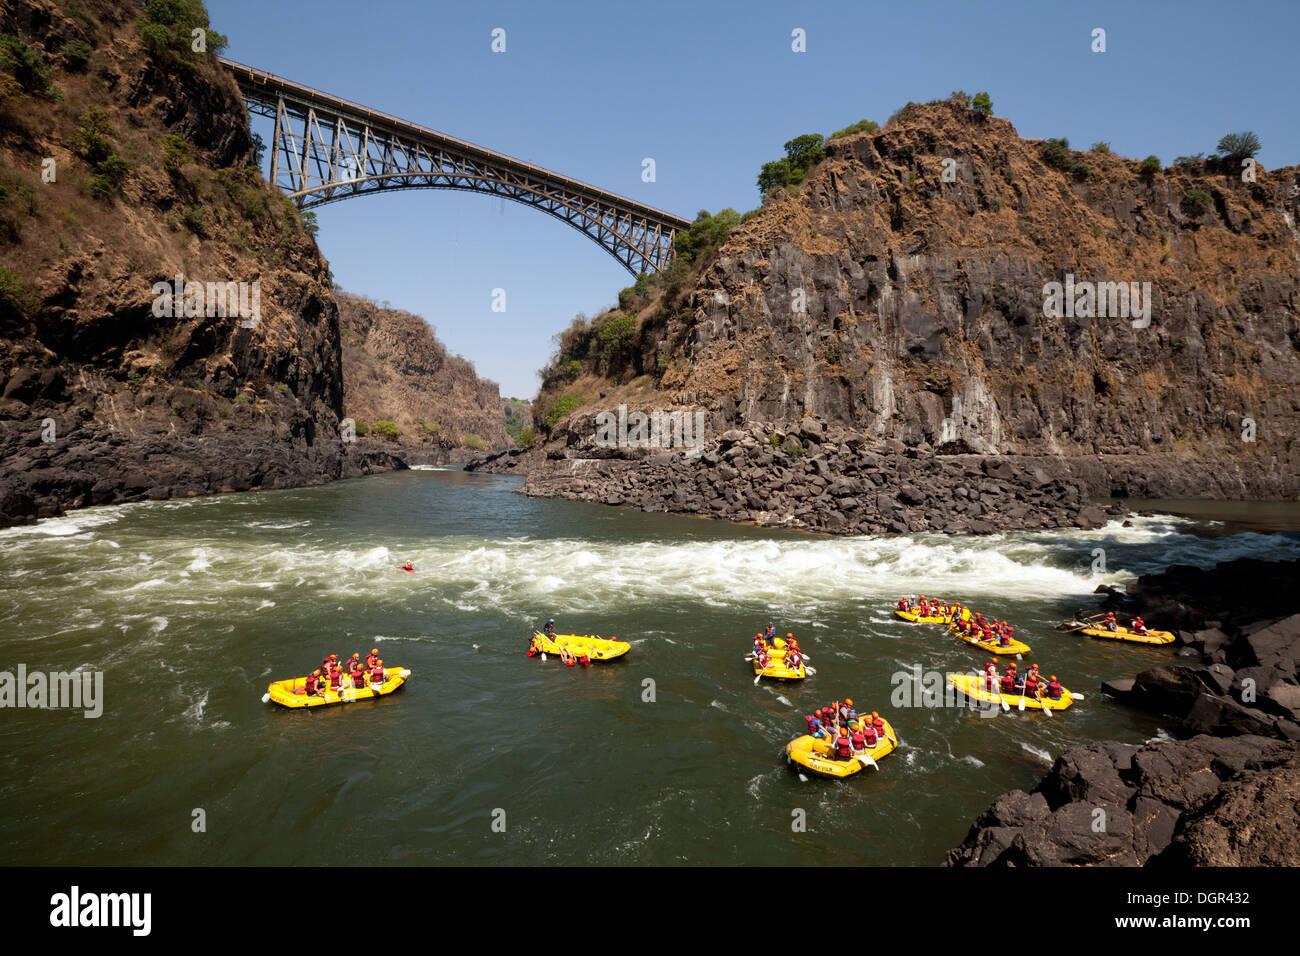 Wildwasser-rafting auf dem Sambesi Fluss Brücke von Victoria Falls, Sambia Seite; Abenteuer-Urlaub-Reisen Stockbild